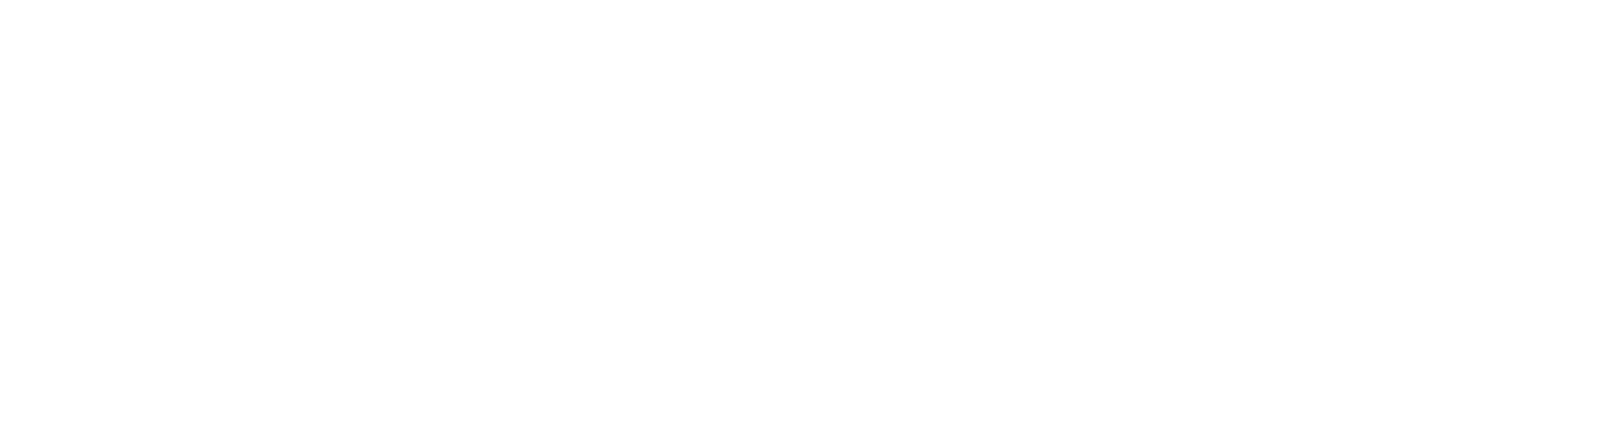 Abenteuer Stadtwelten - Stadtführung & Schnitzeljagd - Logo